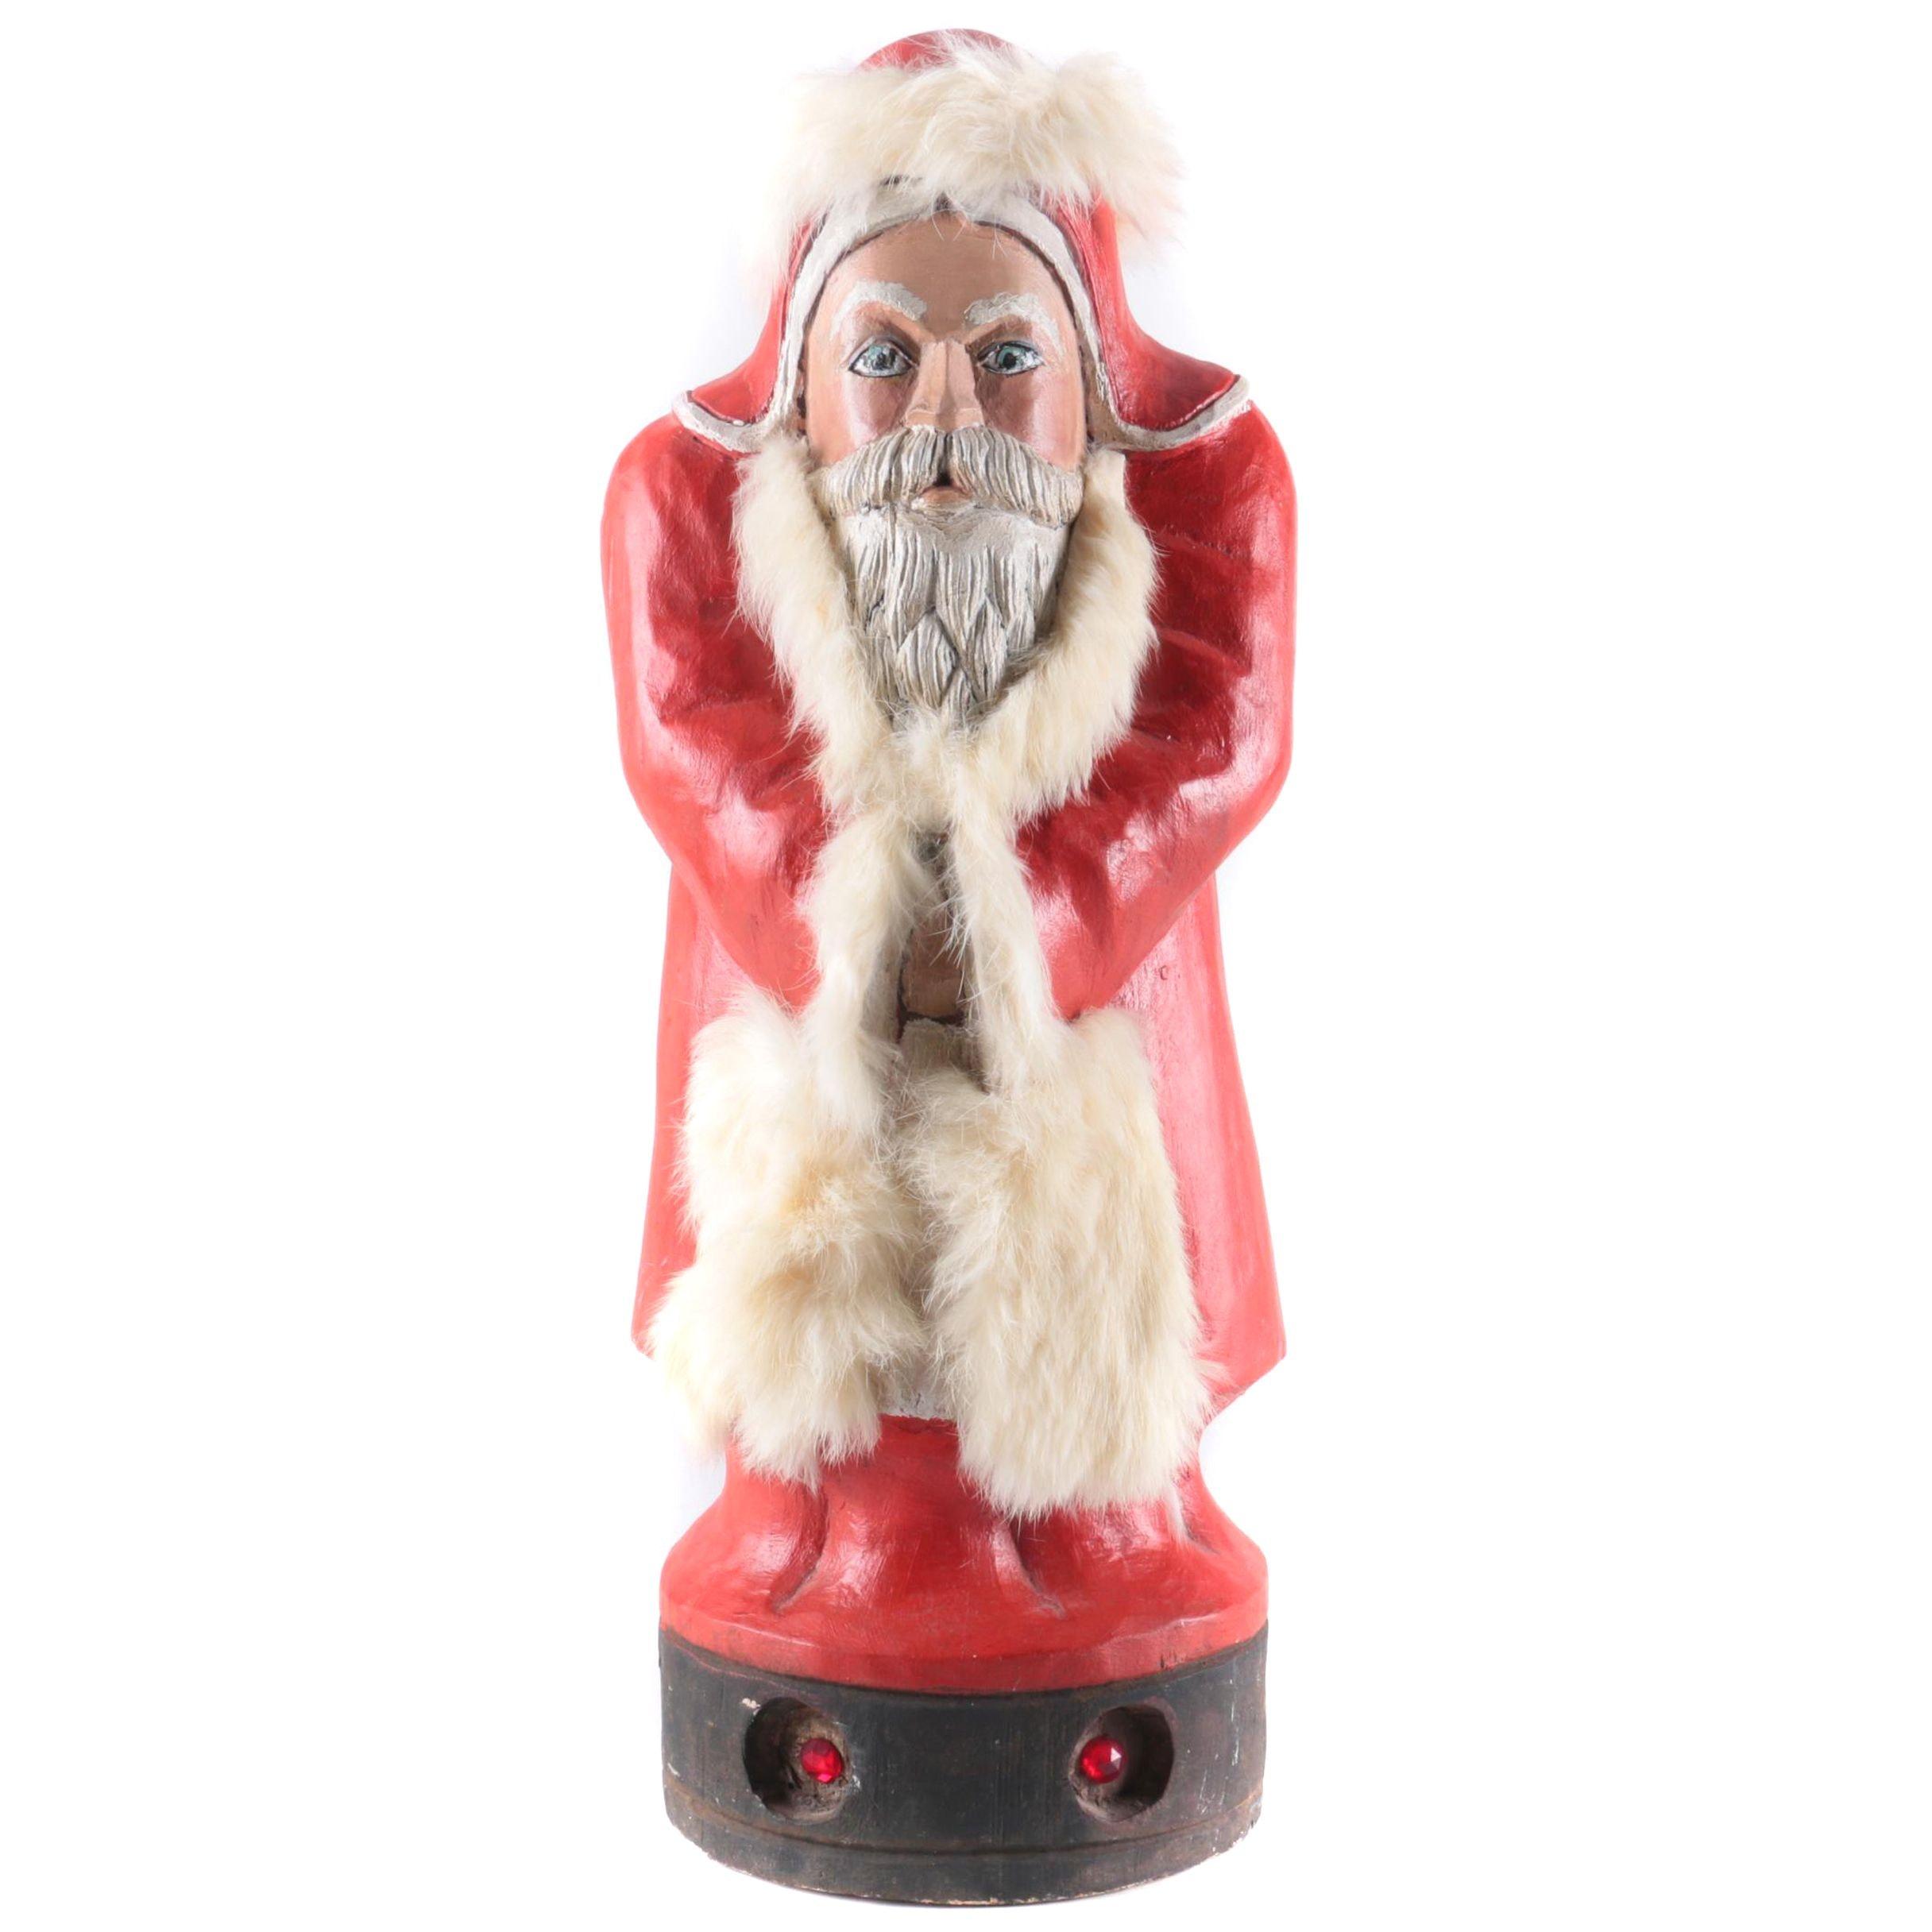 Vintage Hand Carved Wooden Santa with Fur Trim